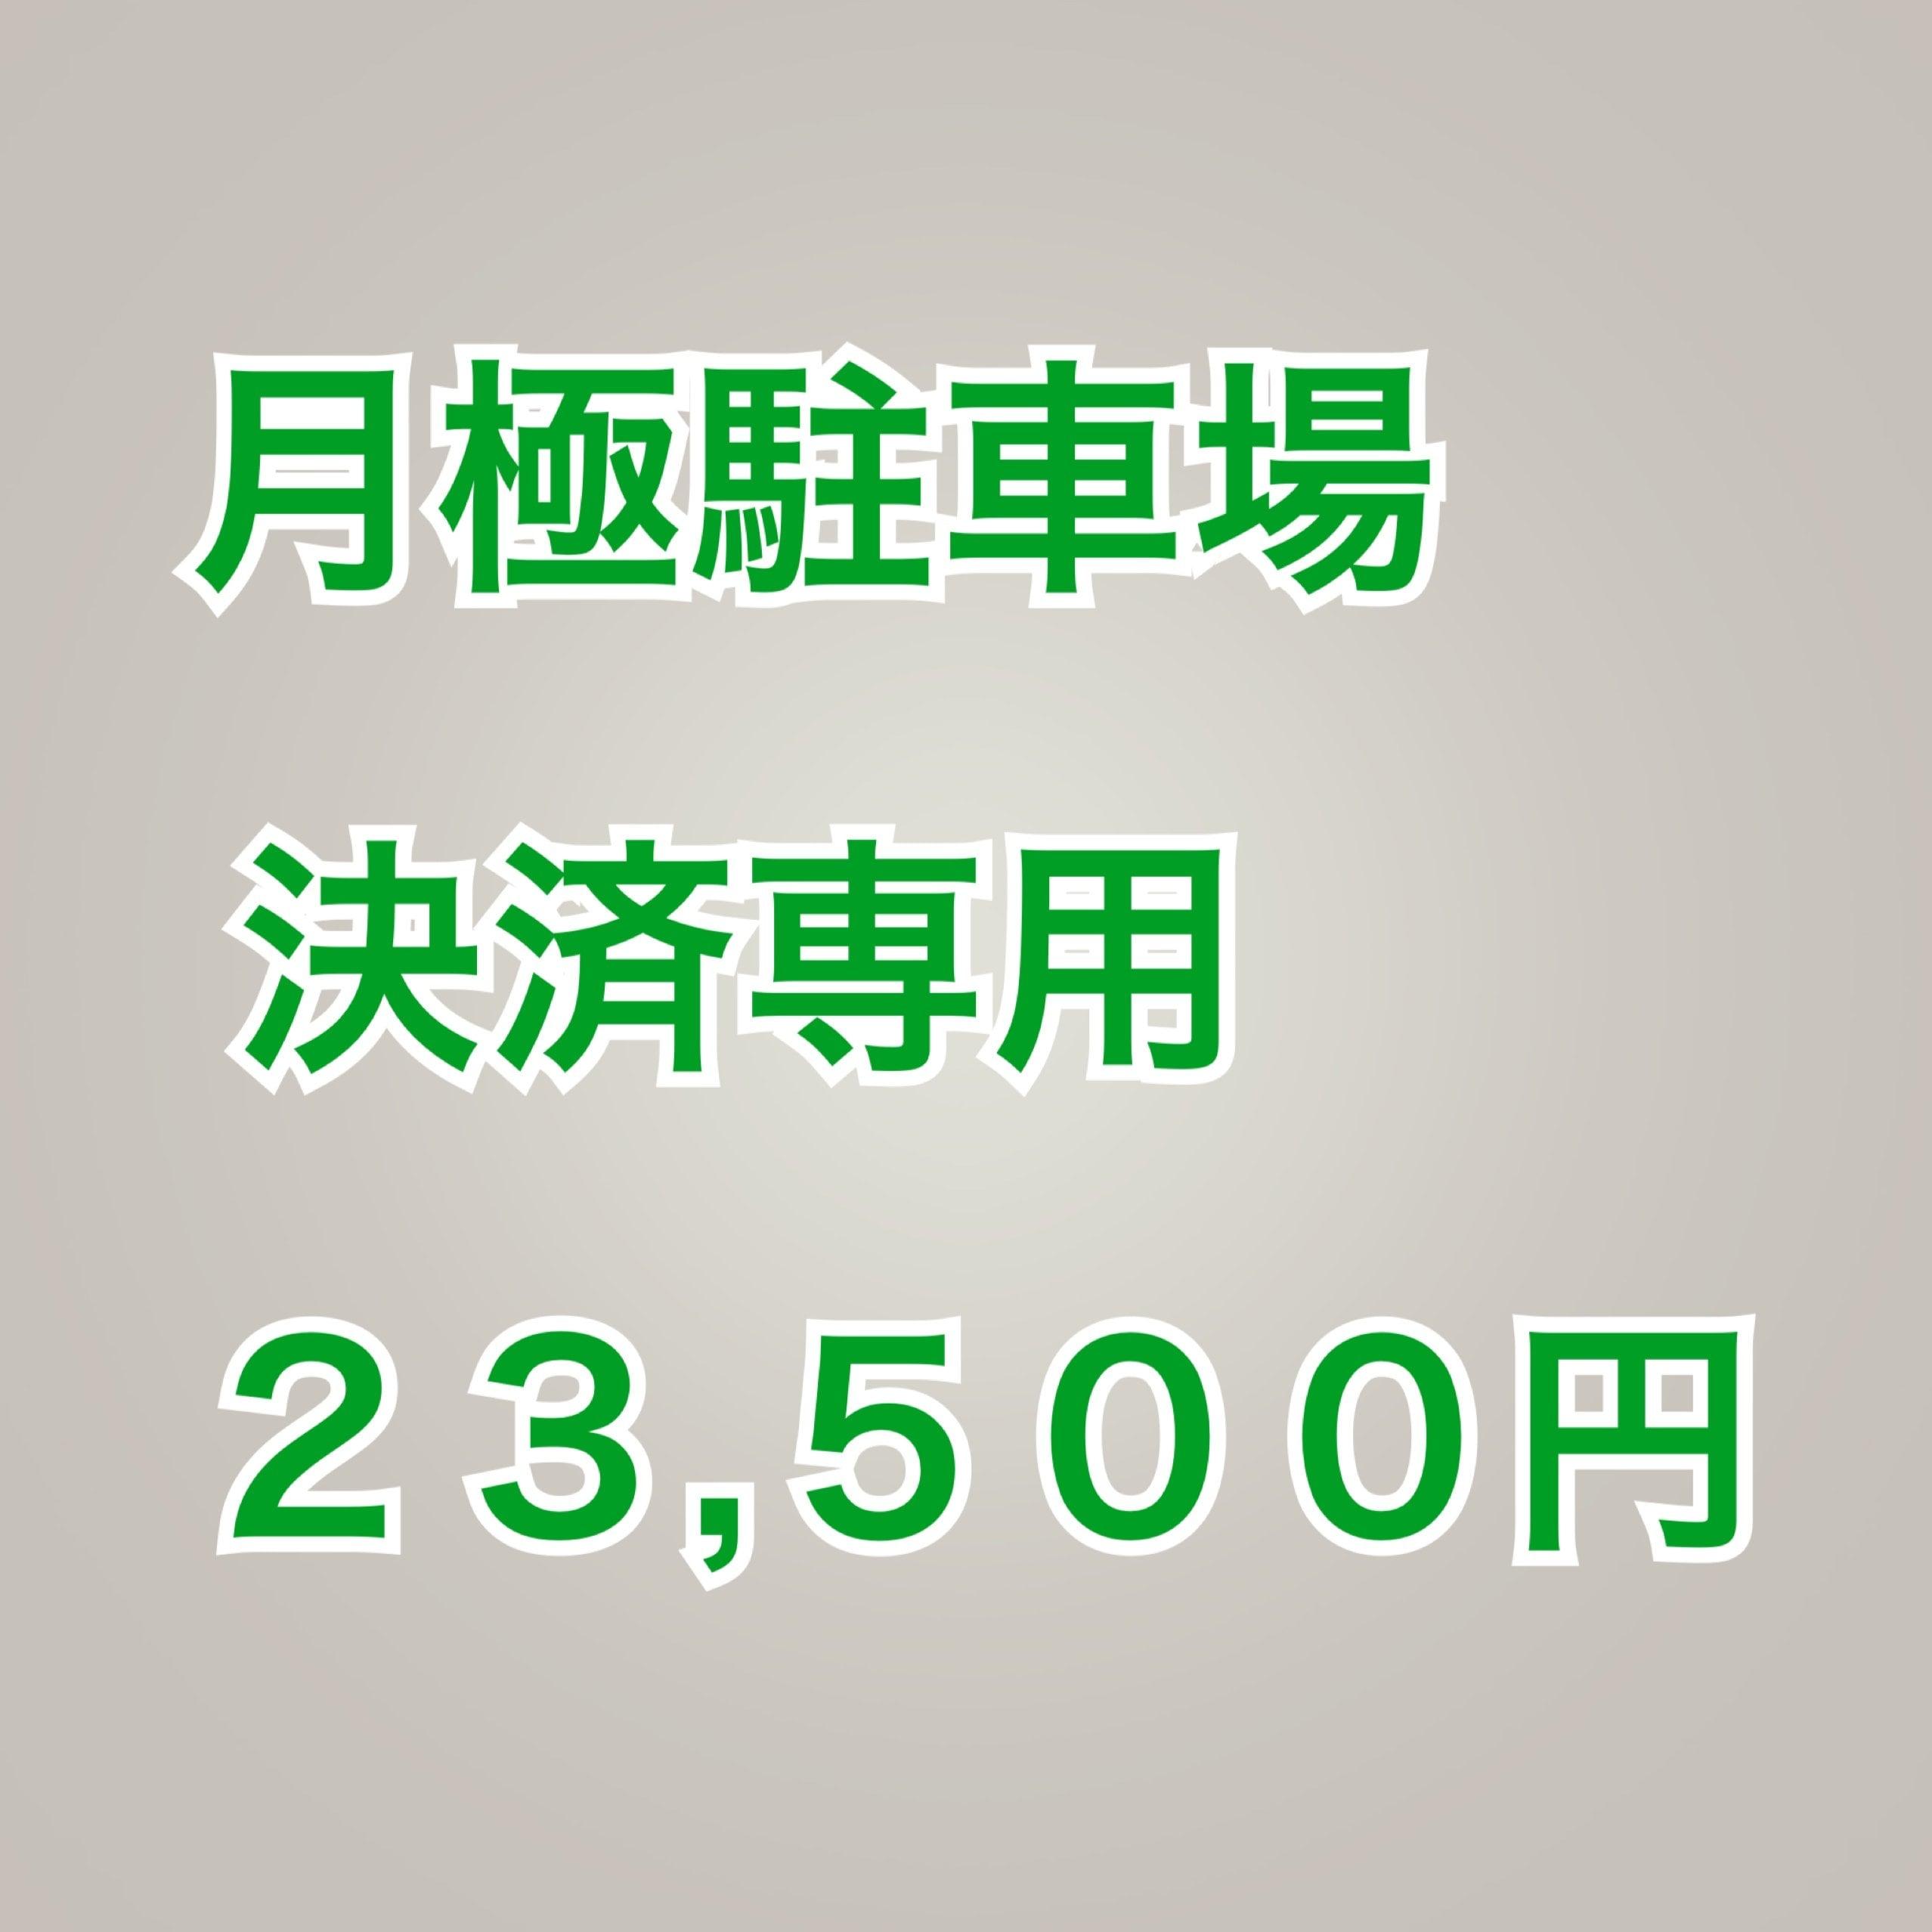 【準備中】『新規の方は事前にお電話願います』リーベンパーク大田区大森南3-12-9 月極駐車場支払い専23,500円(税込み)のイメージその1